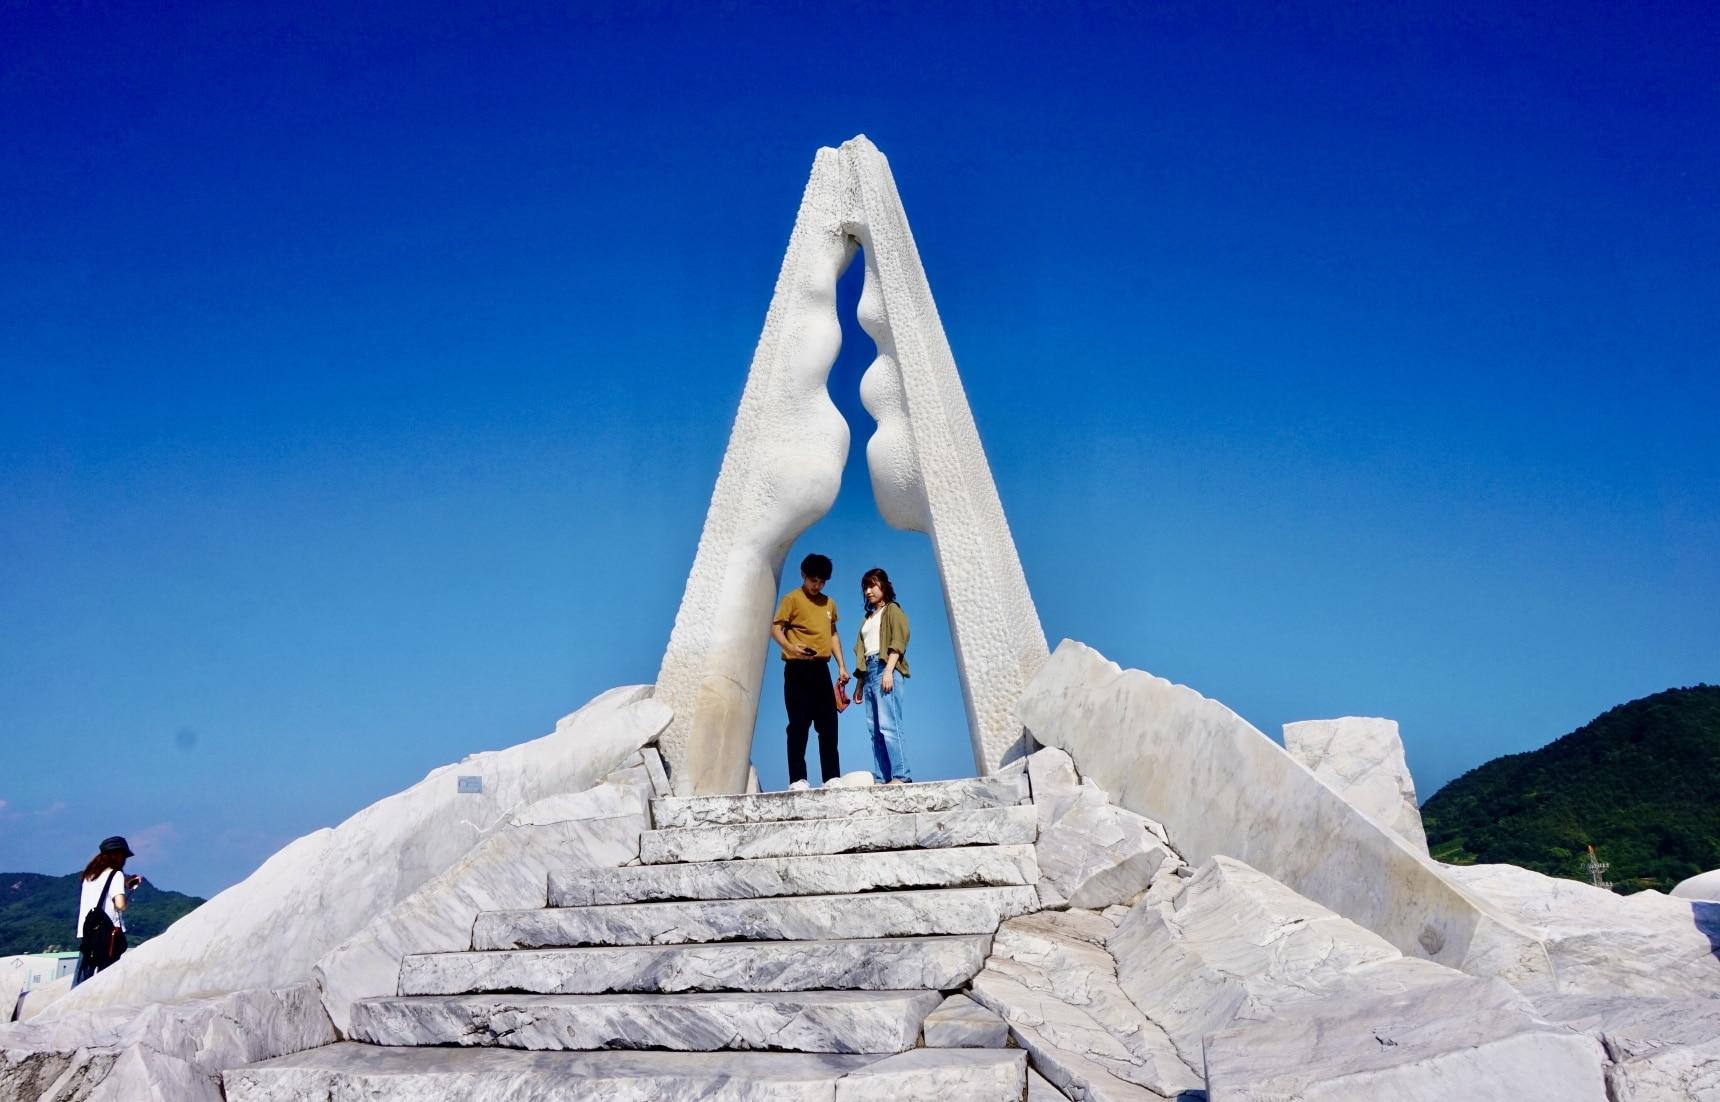 戀上希臘風大理石國度 廣島深度藝術秘境「未來心之丘」